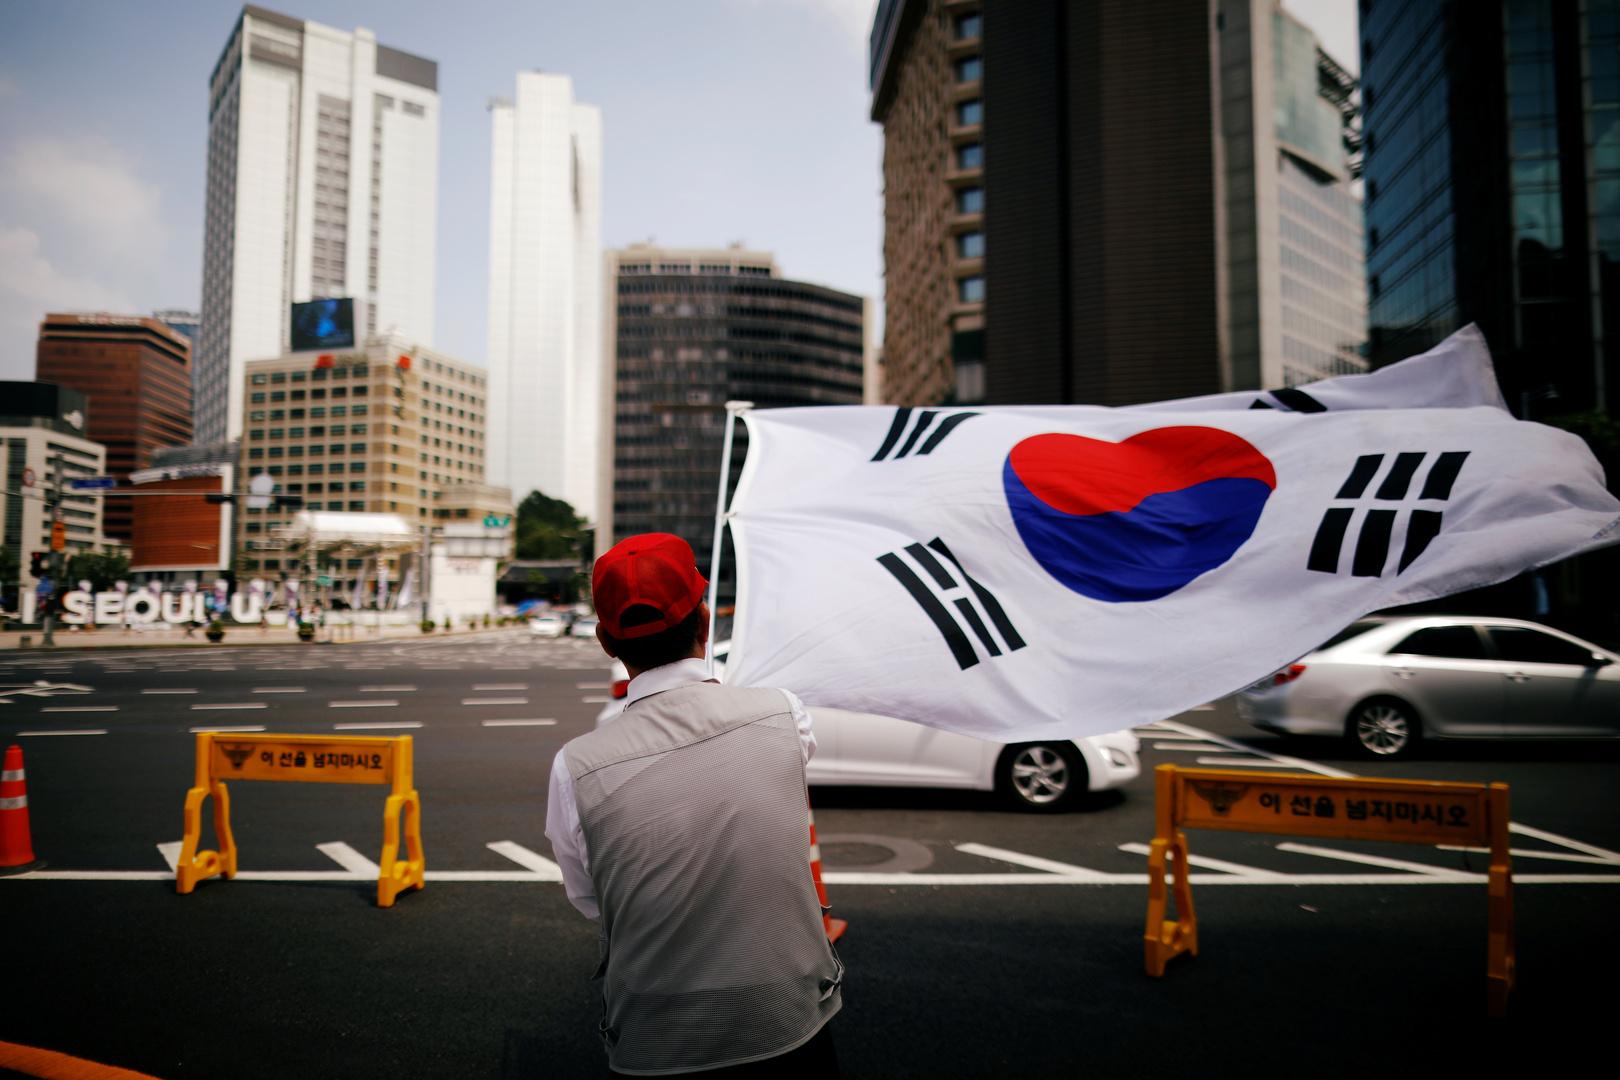 كوريا الجنوبية تطور أكثر من 100 قمر صناعي صغير حتى عام 2031